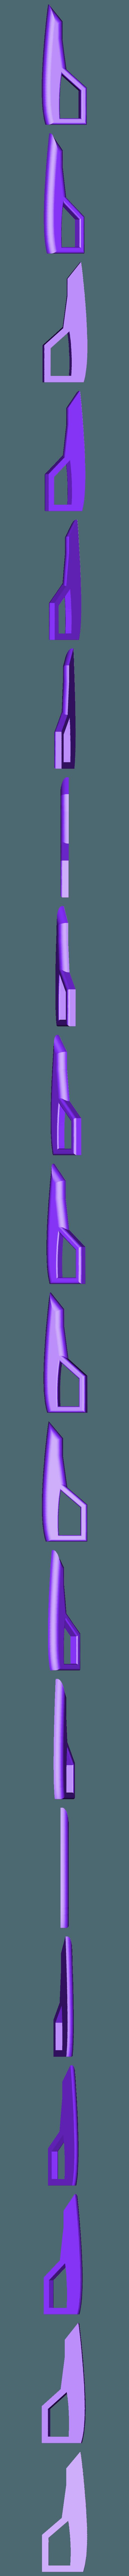 Side_Detail_2_Right.stl Download free STL file Borderlands Bandit Room Clener Shotgun • 3D printer object, Dsk